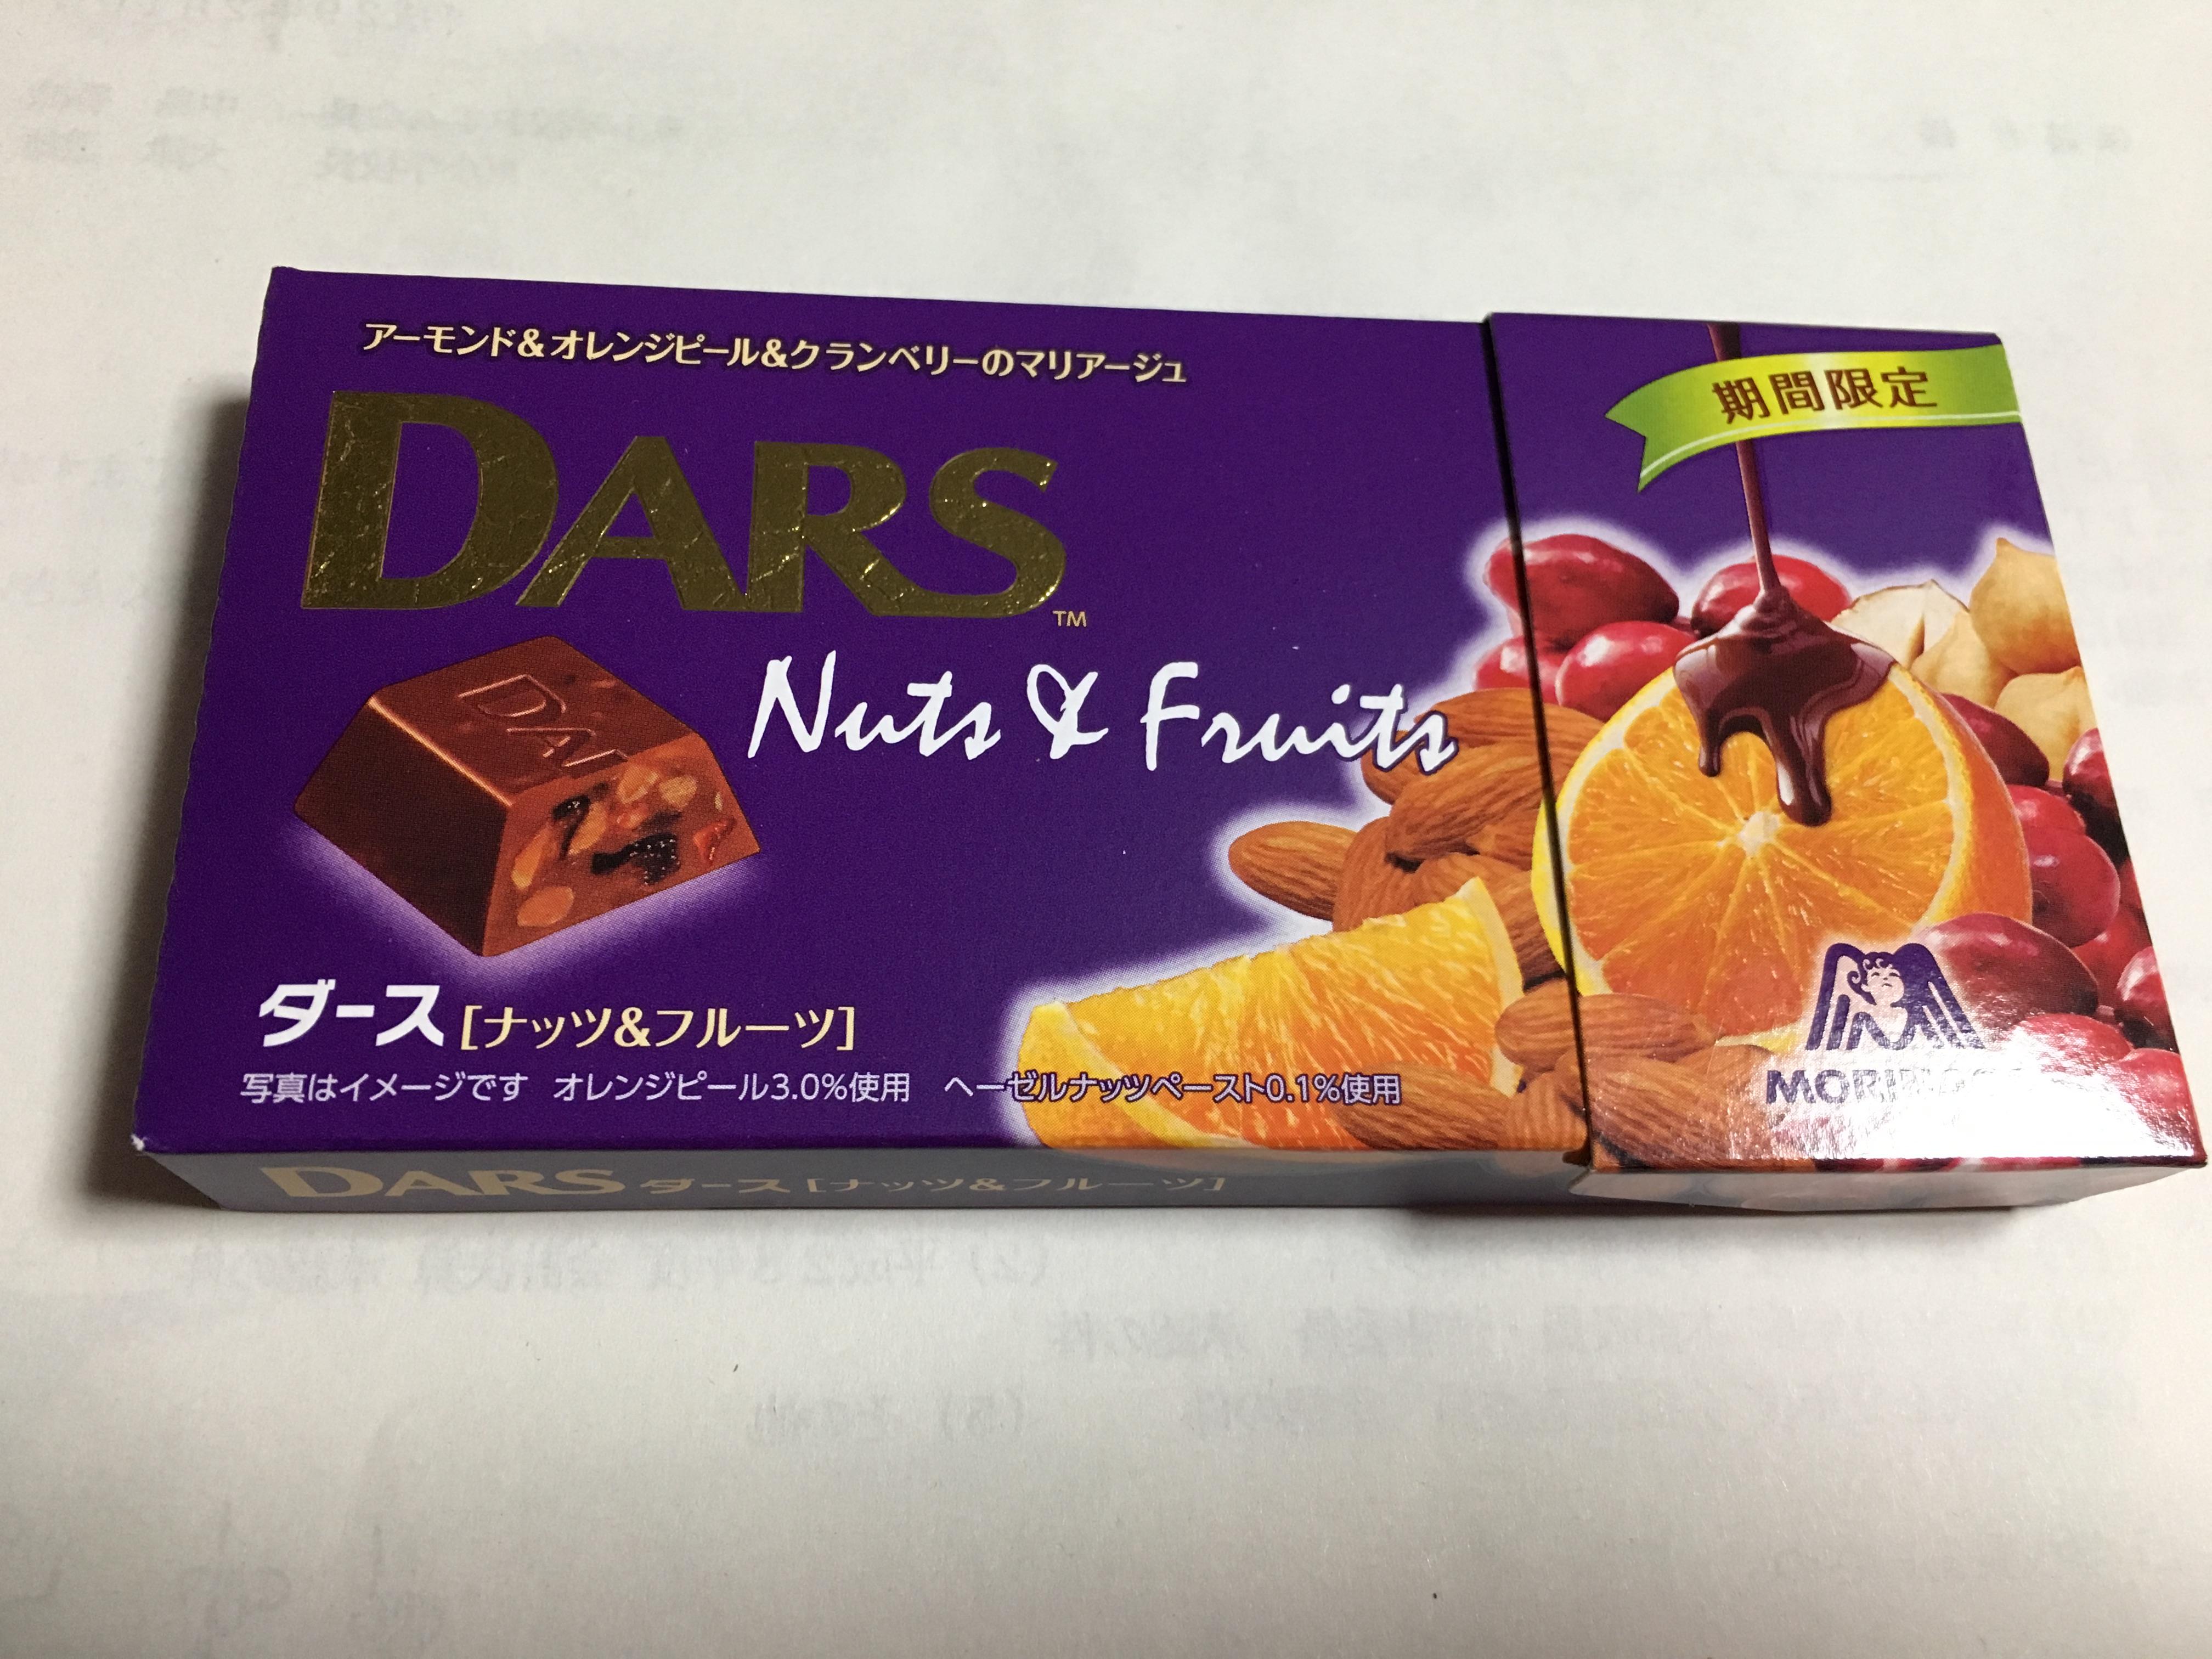 【期間限定】ロッテ「ダース ナッツ&フルーツ」がフルーティーで美味しすぎる!